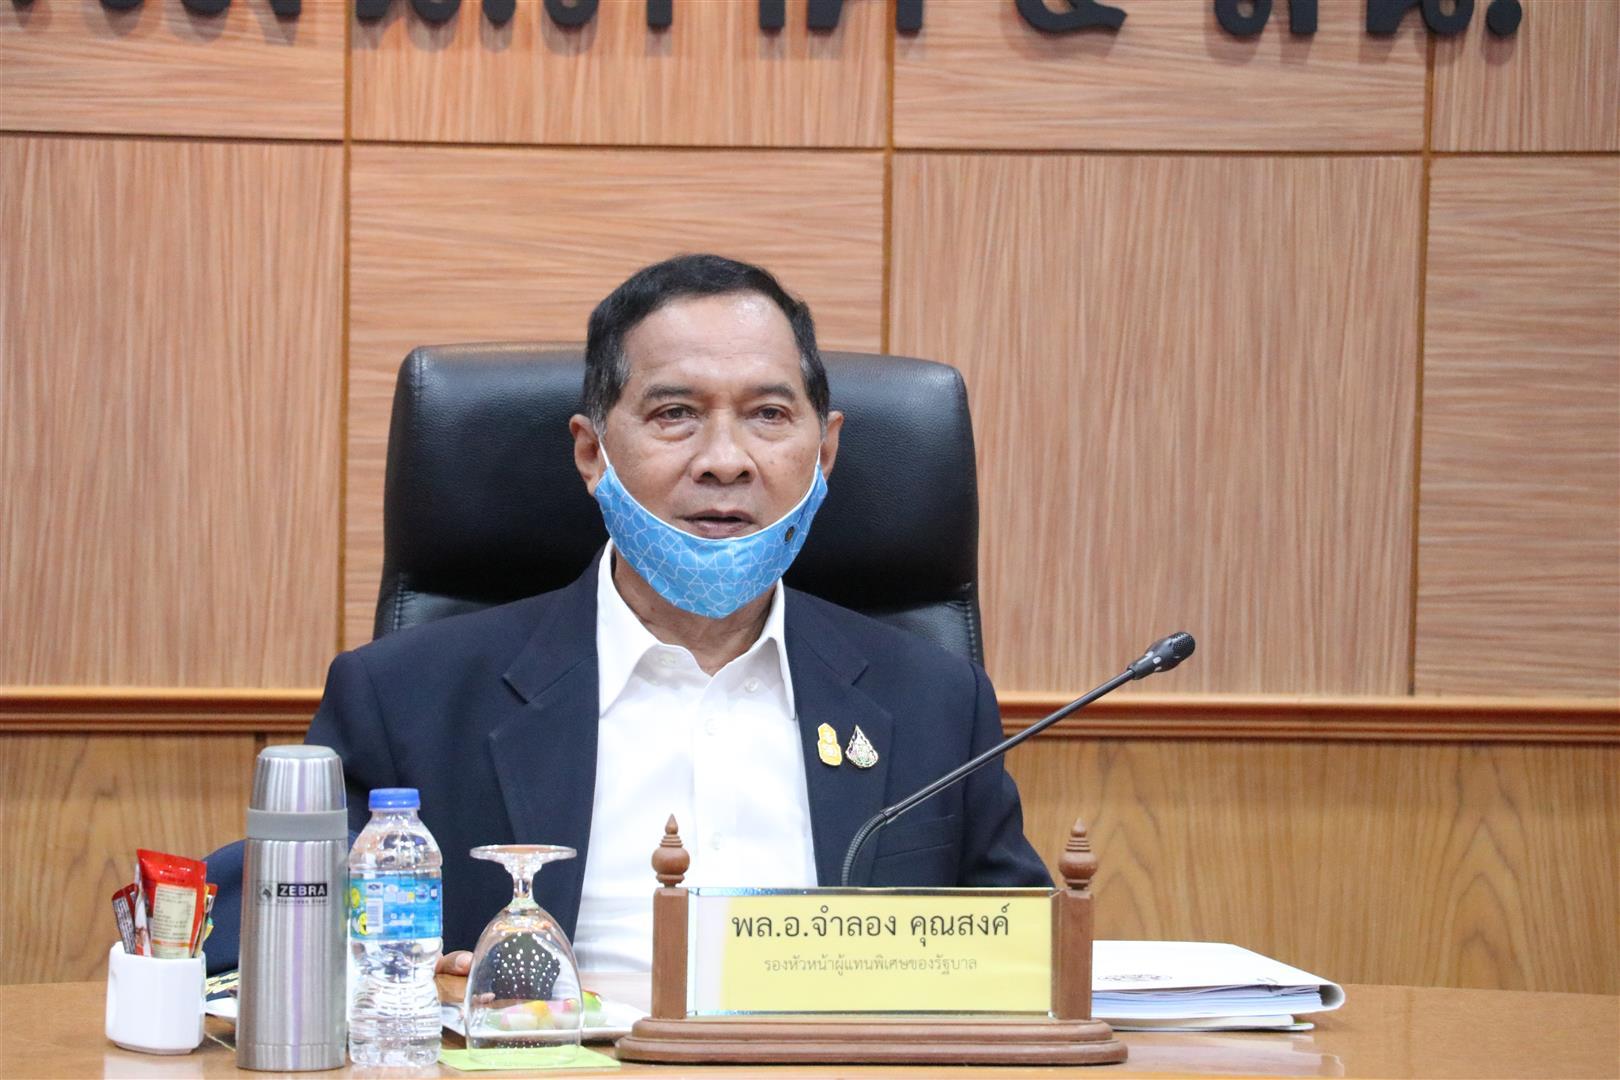 พลเอกจำลอง คุณสงค์ รองหัวหน้าผู้แทนพิเศษของรัฐบาล เป็นประธานการประชุมผู้แทนพิเศษของรัฐบาลครั้งที่ 7/2563